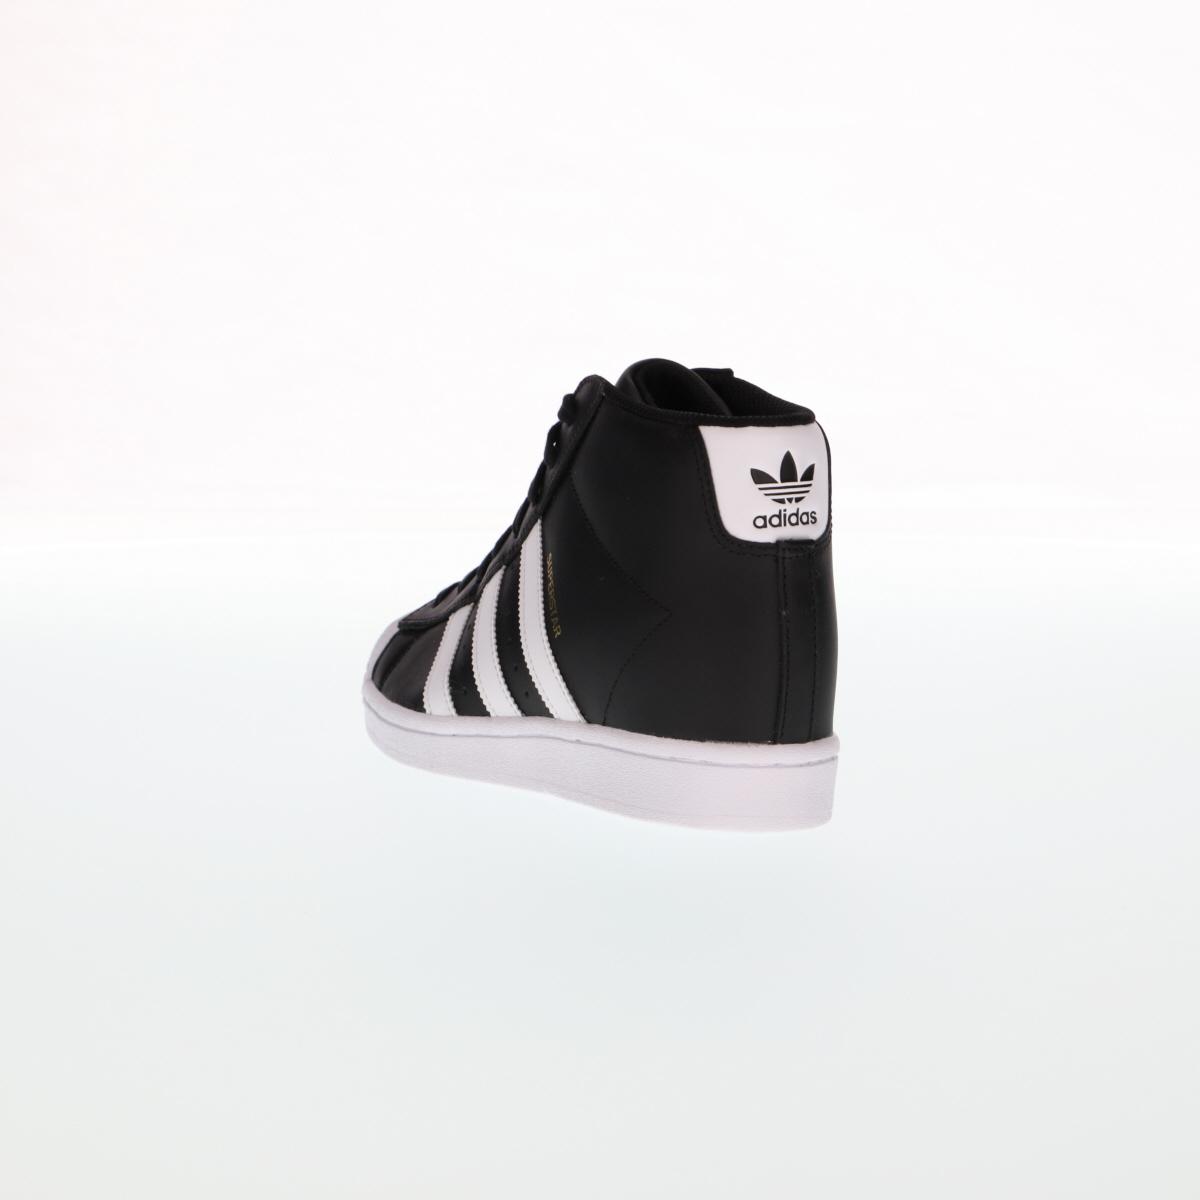 adidas broek jongens shoes for women on sale today